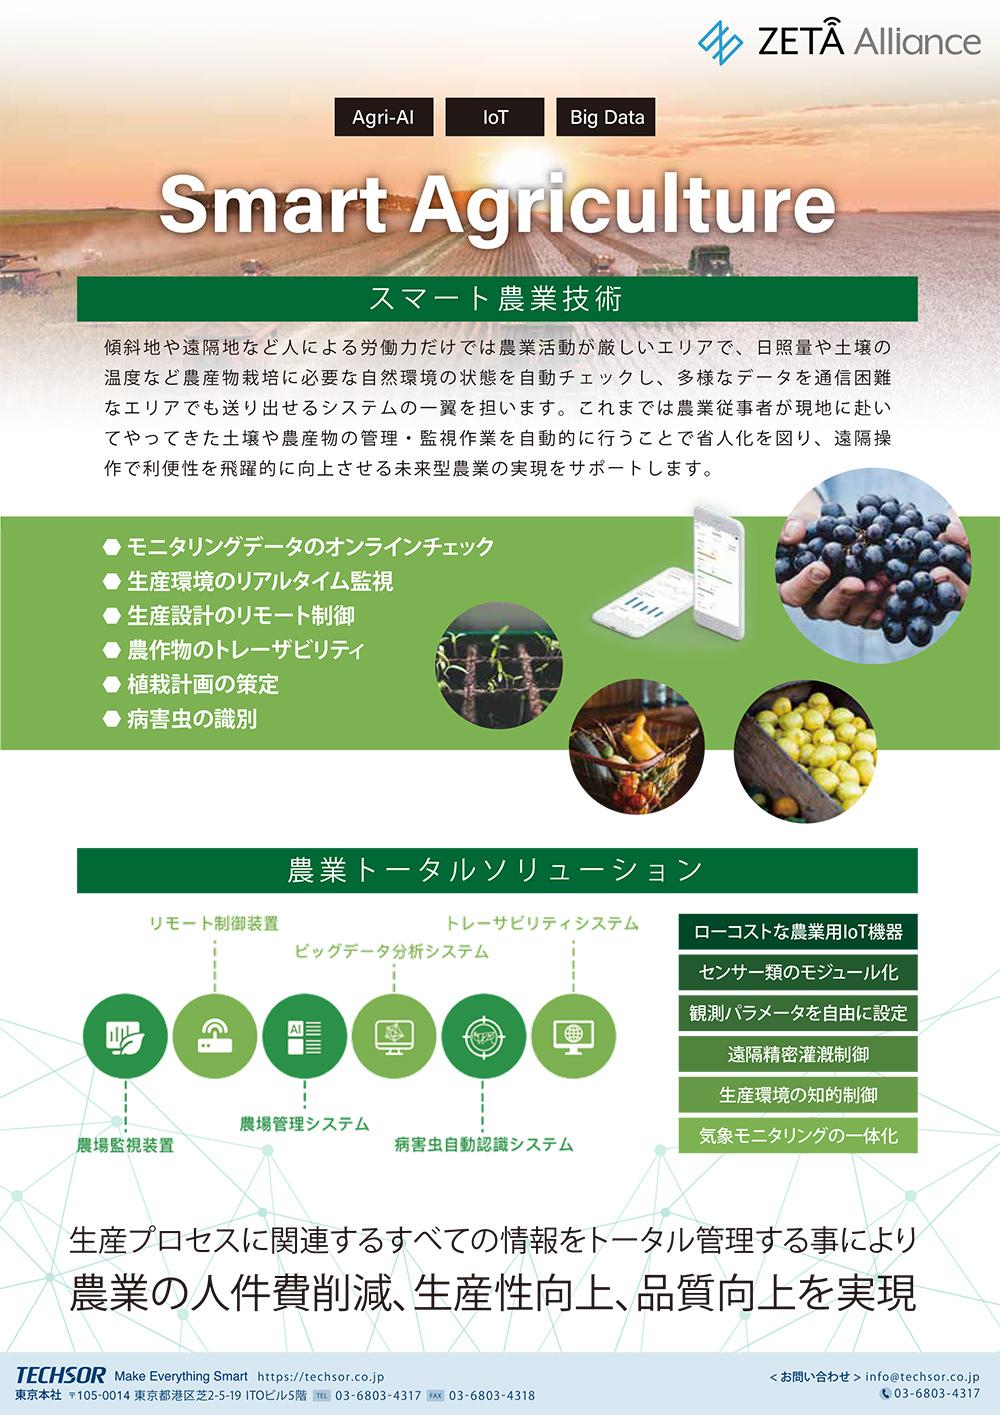 スマート農業プラットフォーム /TSAGPTF001